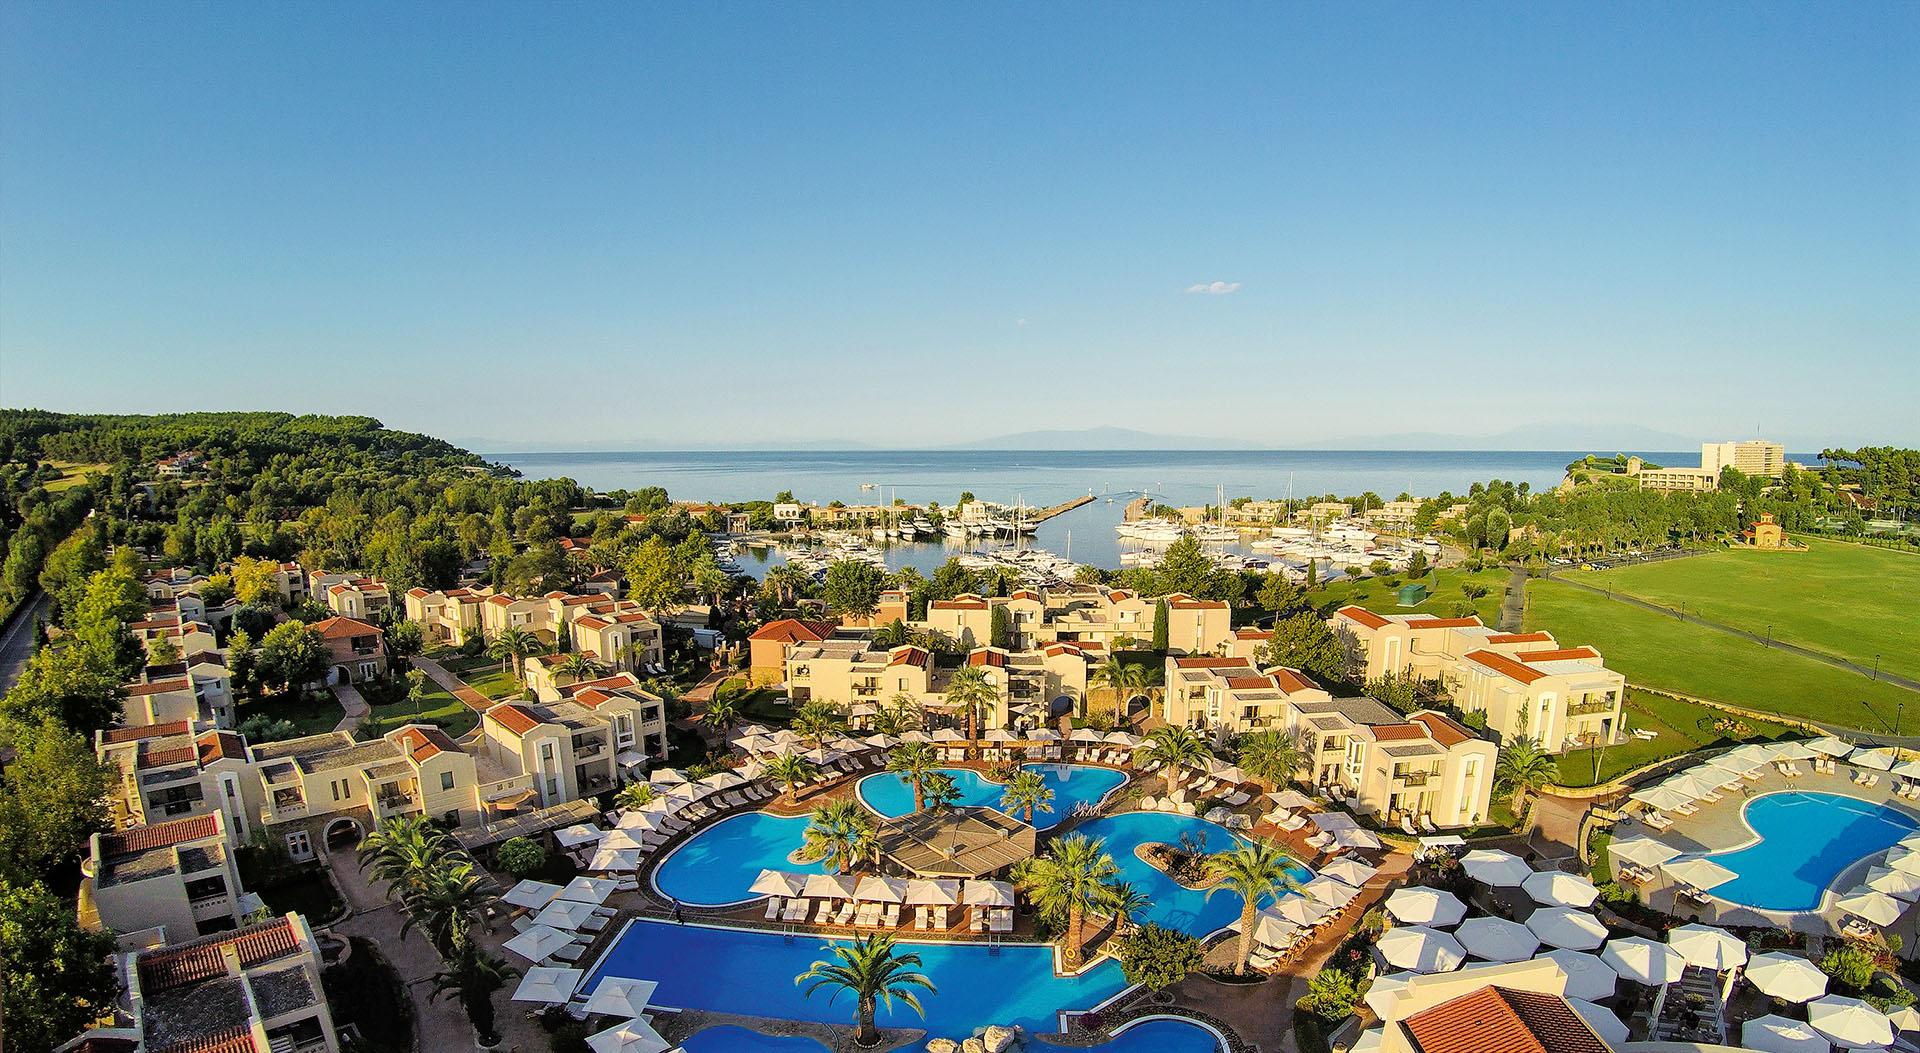 Привлекательные специальные предложения от отелей курорта Sani Resort на апрель-май 2016 года